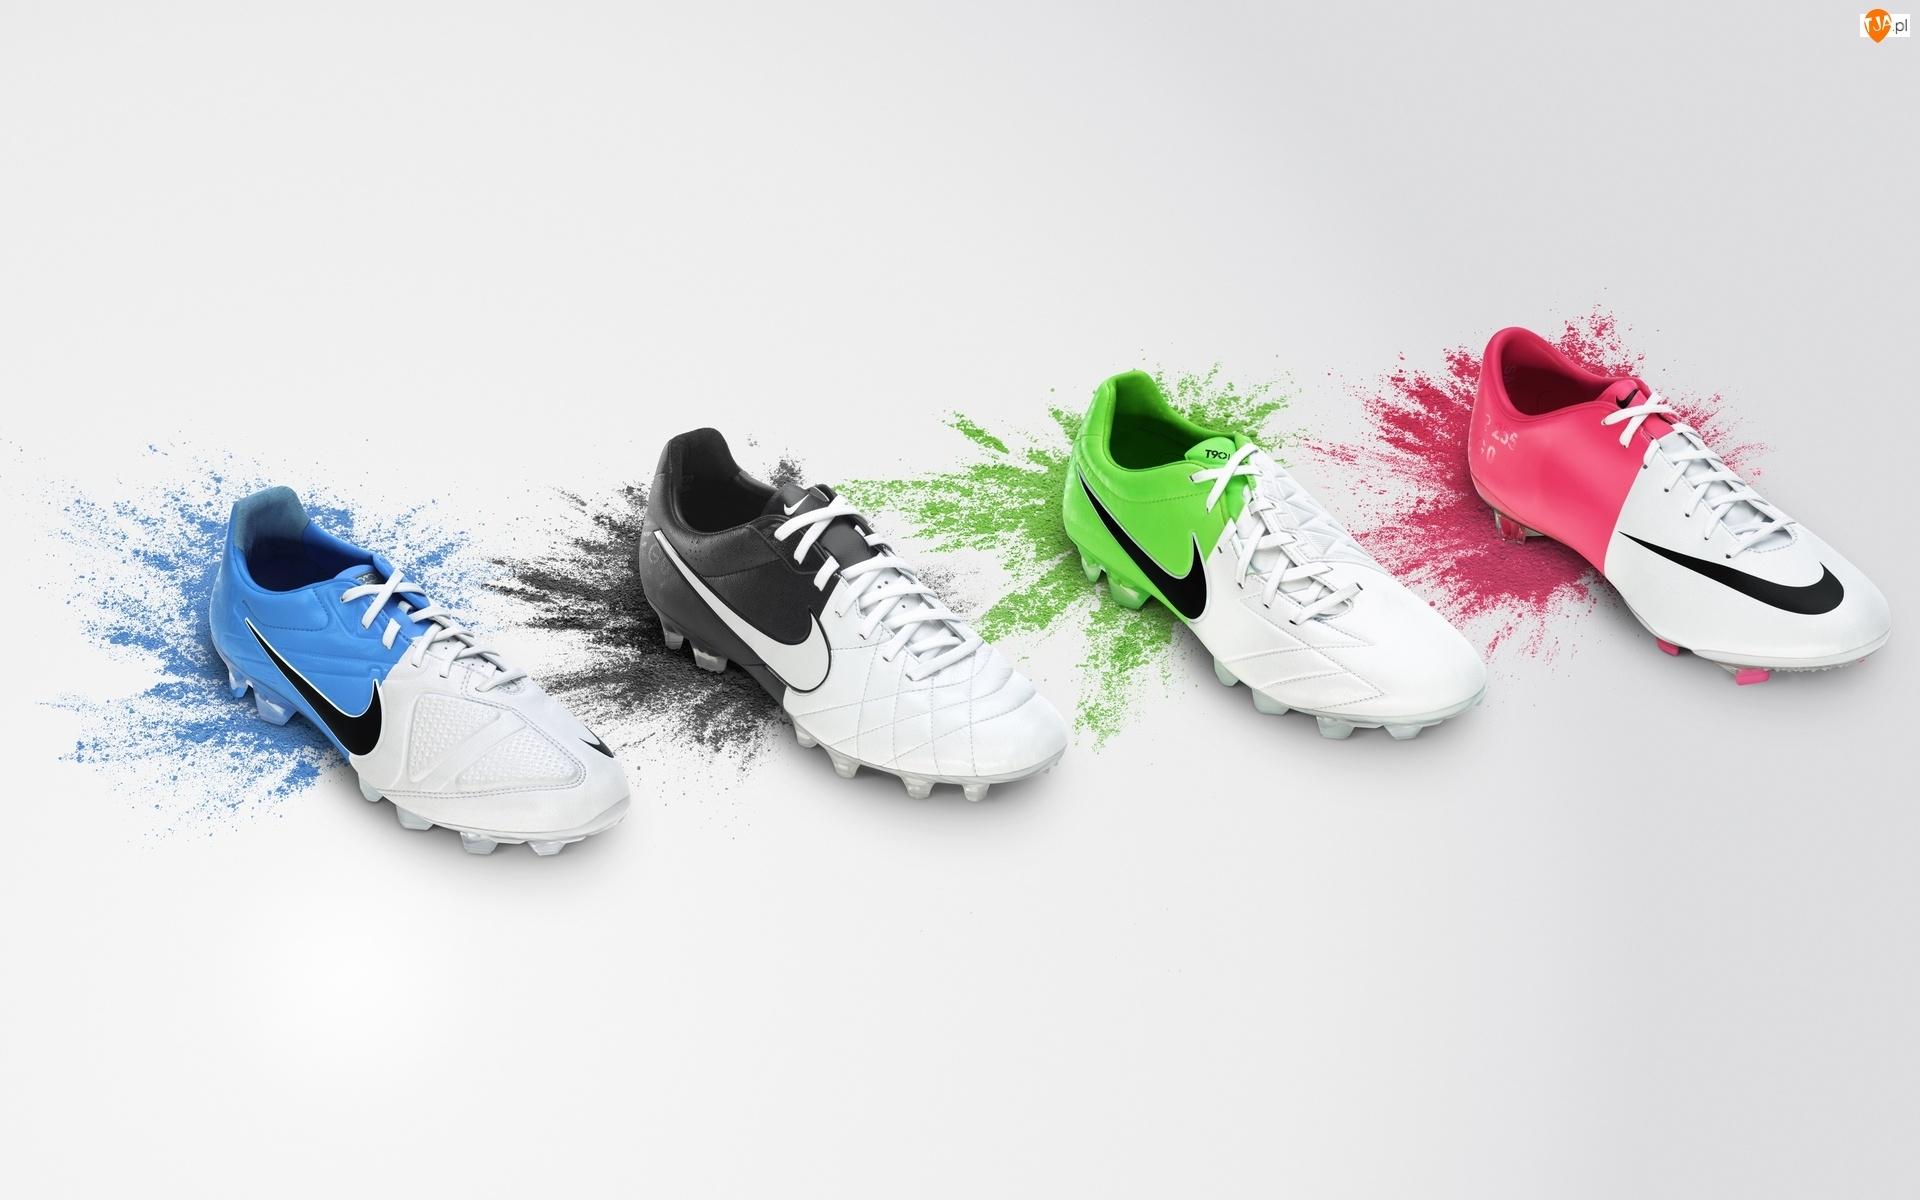 Euro2012, Buty, Firmy, Sportowe, Nike